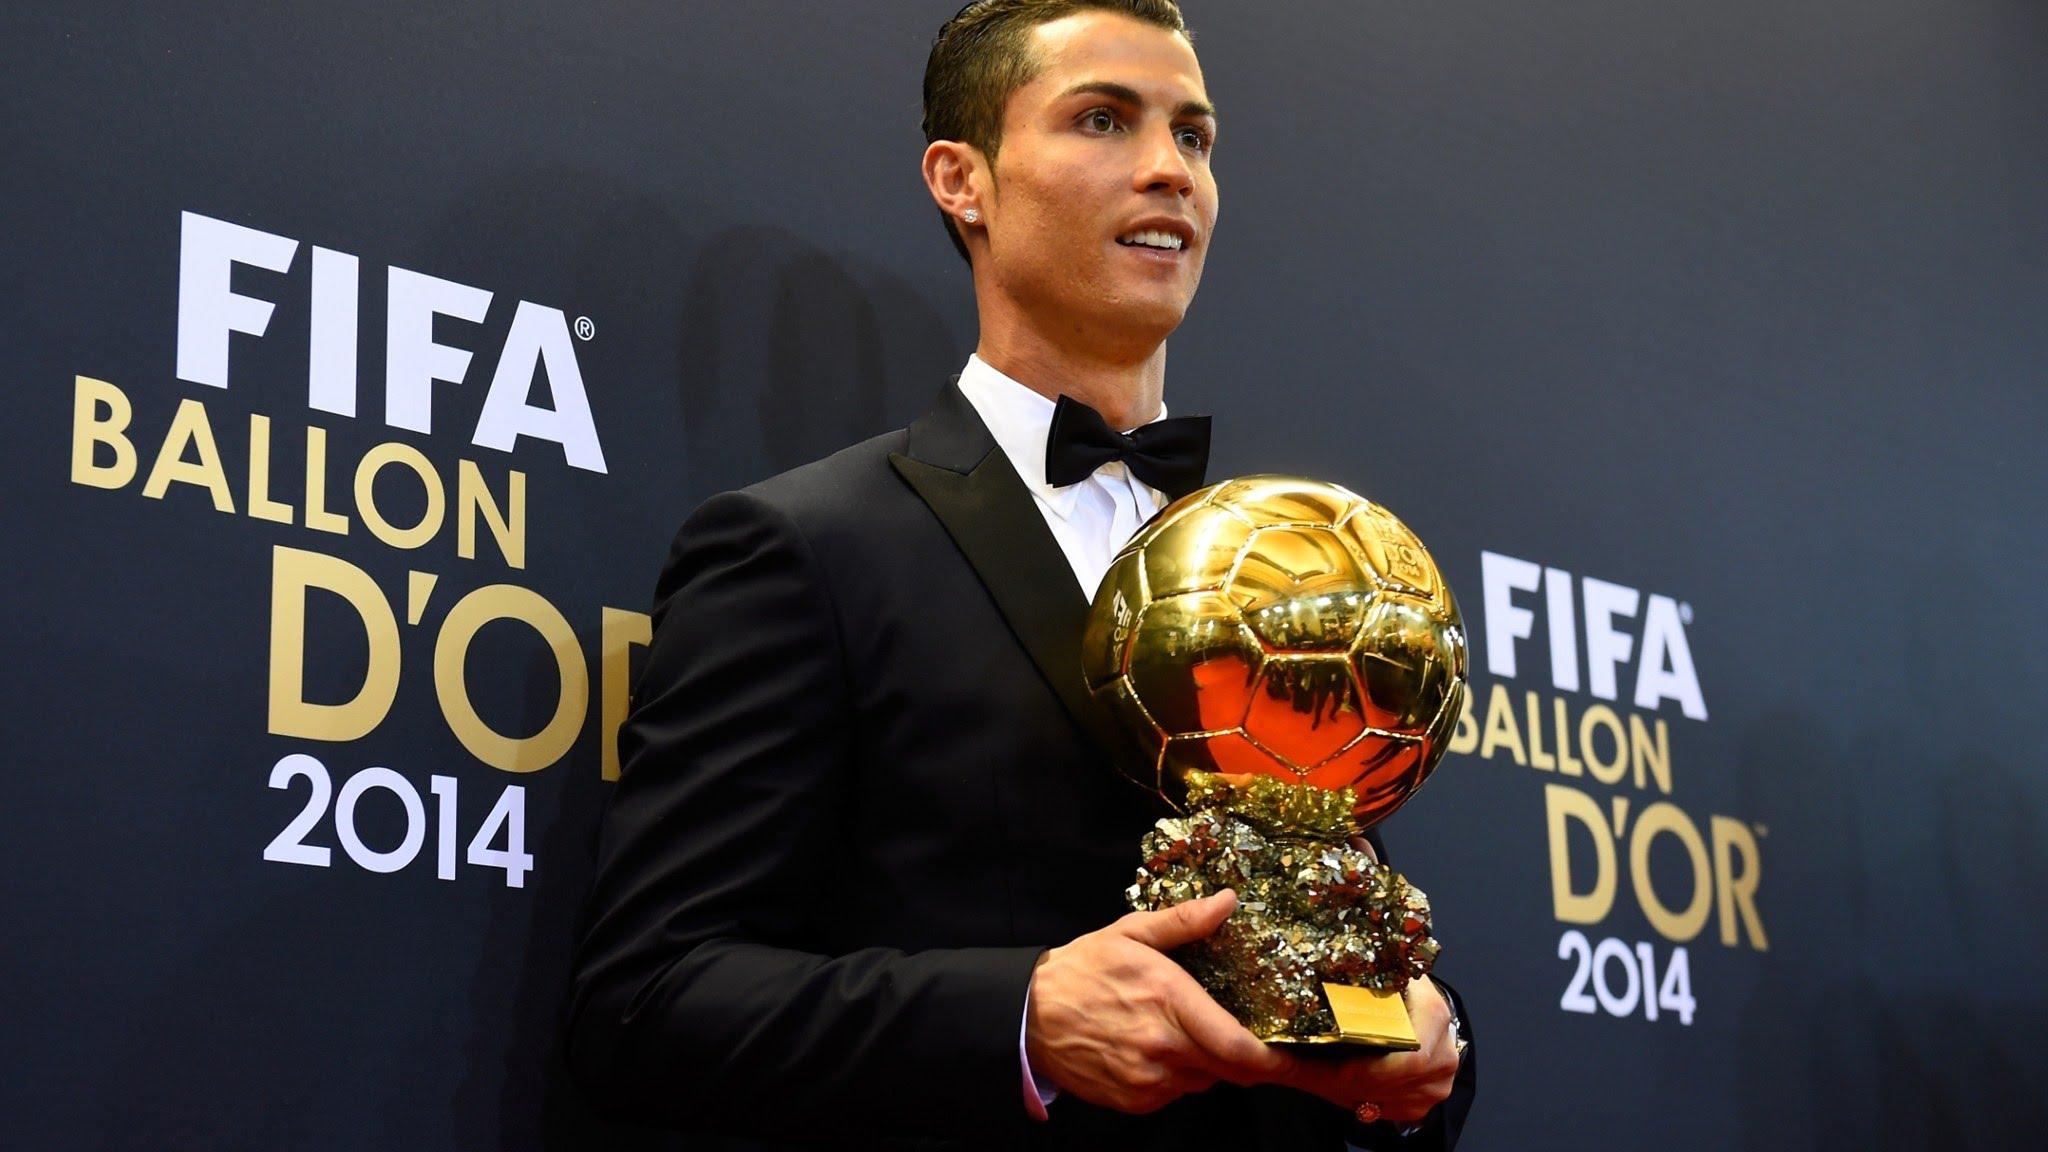 CR7, qui a remporté la Ligue des champions avec le Real Madrid au printemps puis l'Euro-2016 avec le Portugal cet été, fait figure d'archi-favori pour un quatrième sacre et succéder au tenant du titre et quintuple Ballon d'Or, Lionel Messi.